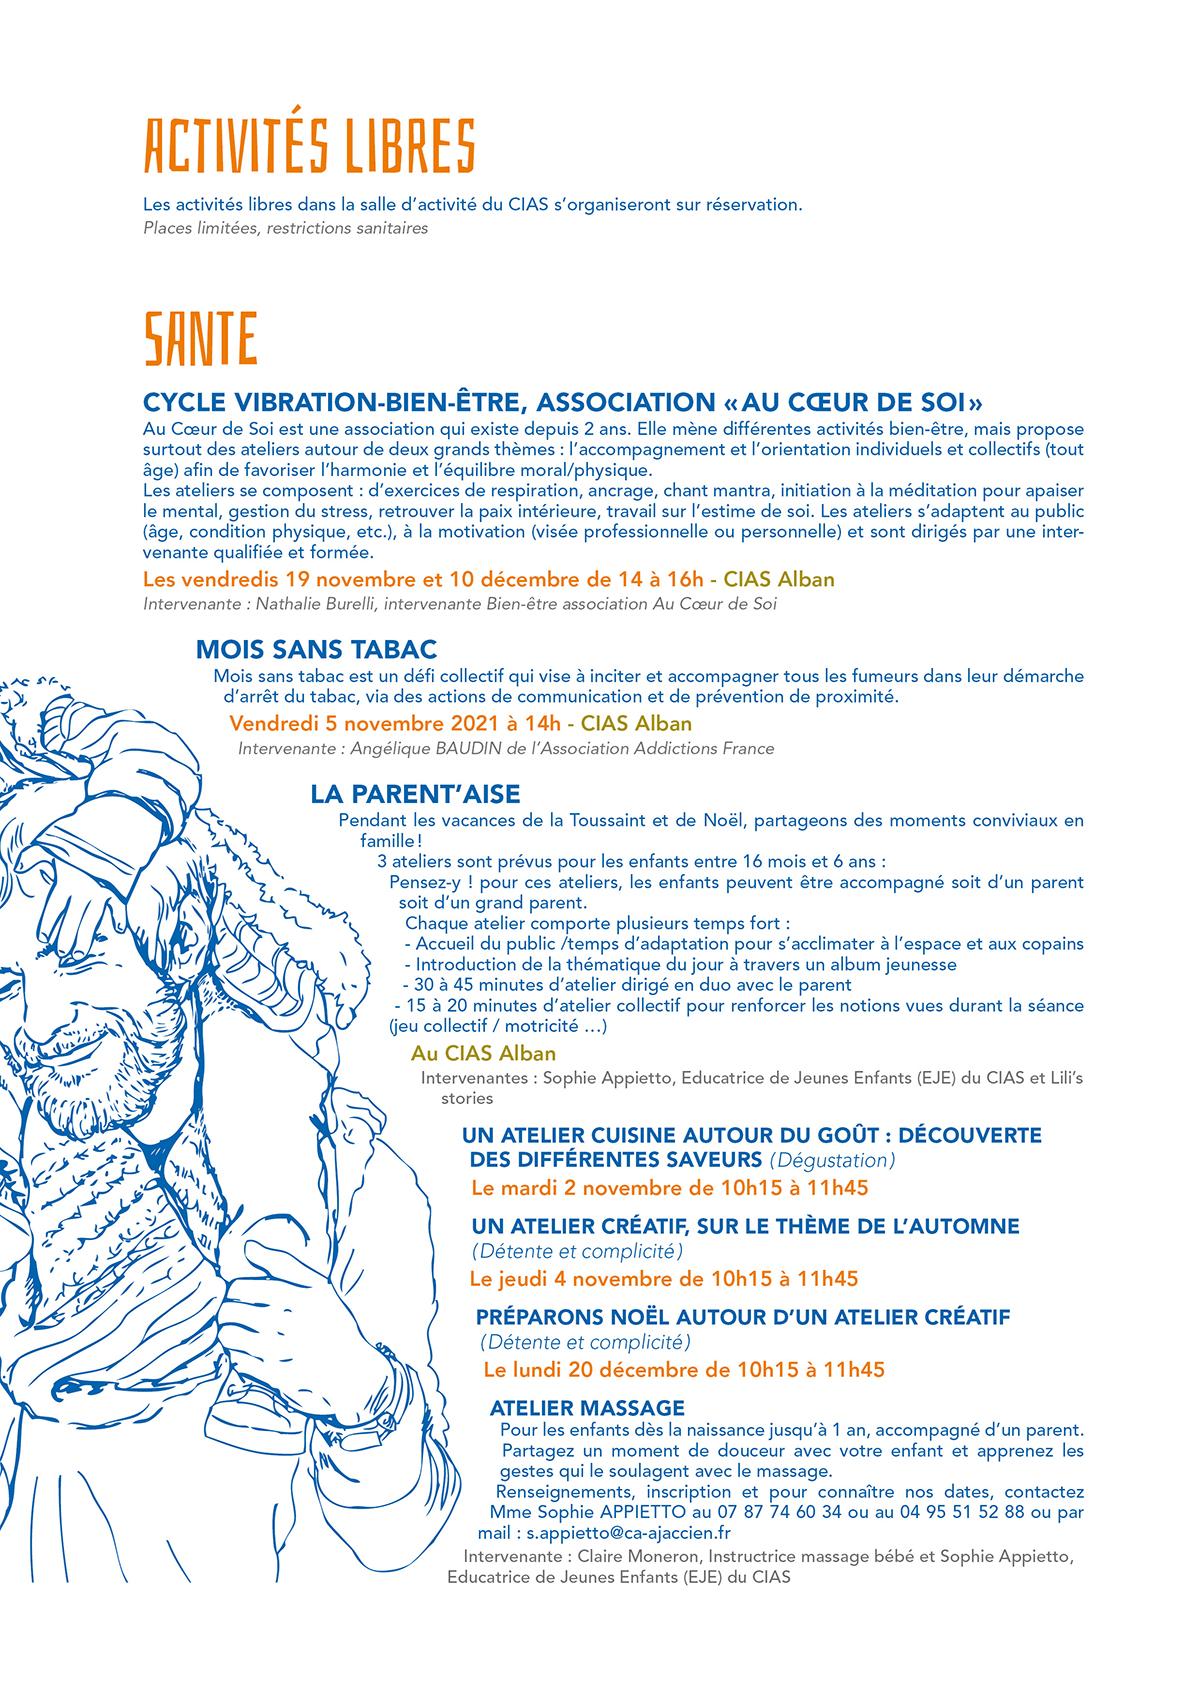 2ème page du programme trimestriel du CIAS automne 2021